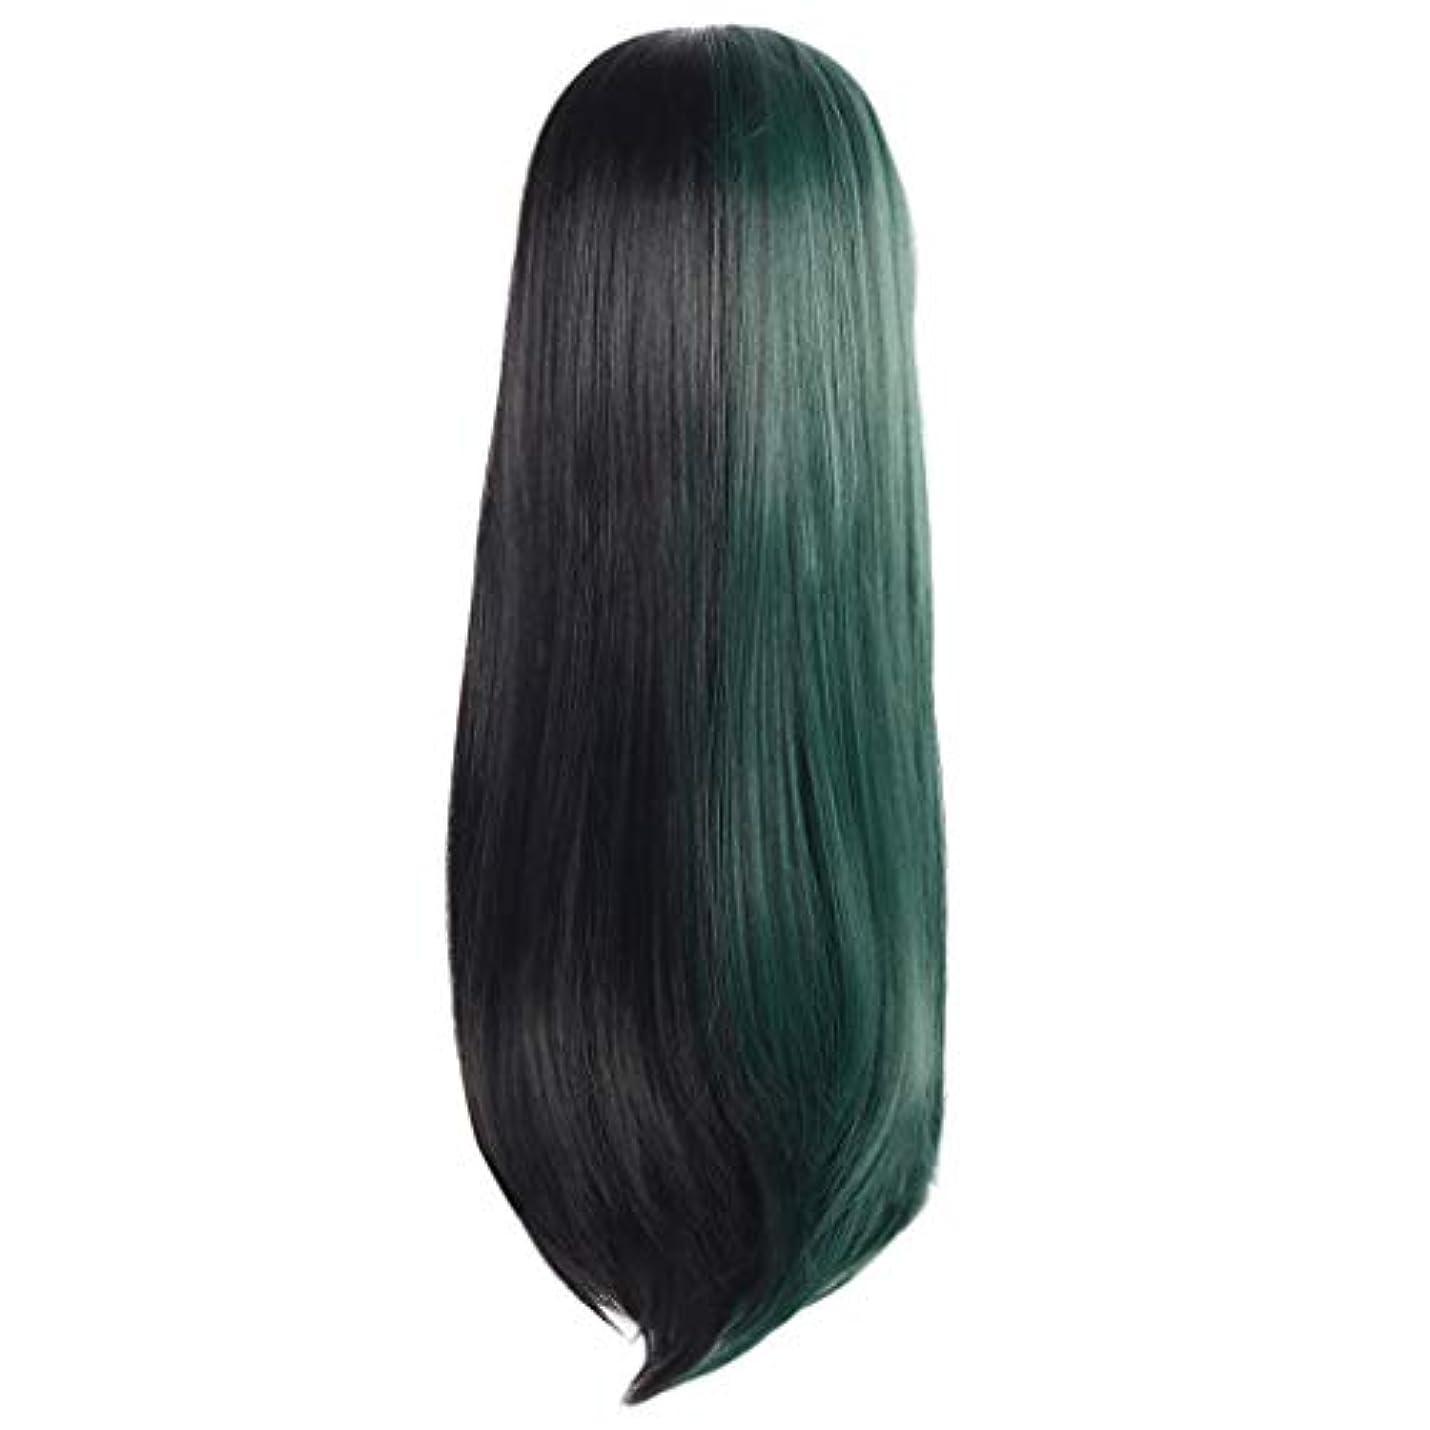 細胞落胆する学生女性の長いストレートの髪黒緑のかつら創造的な性格かつらローズネット